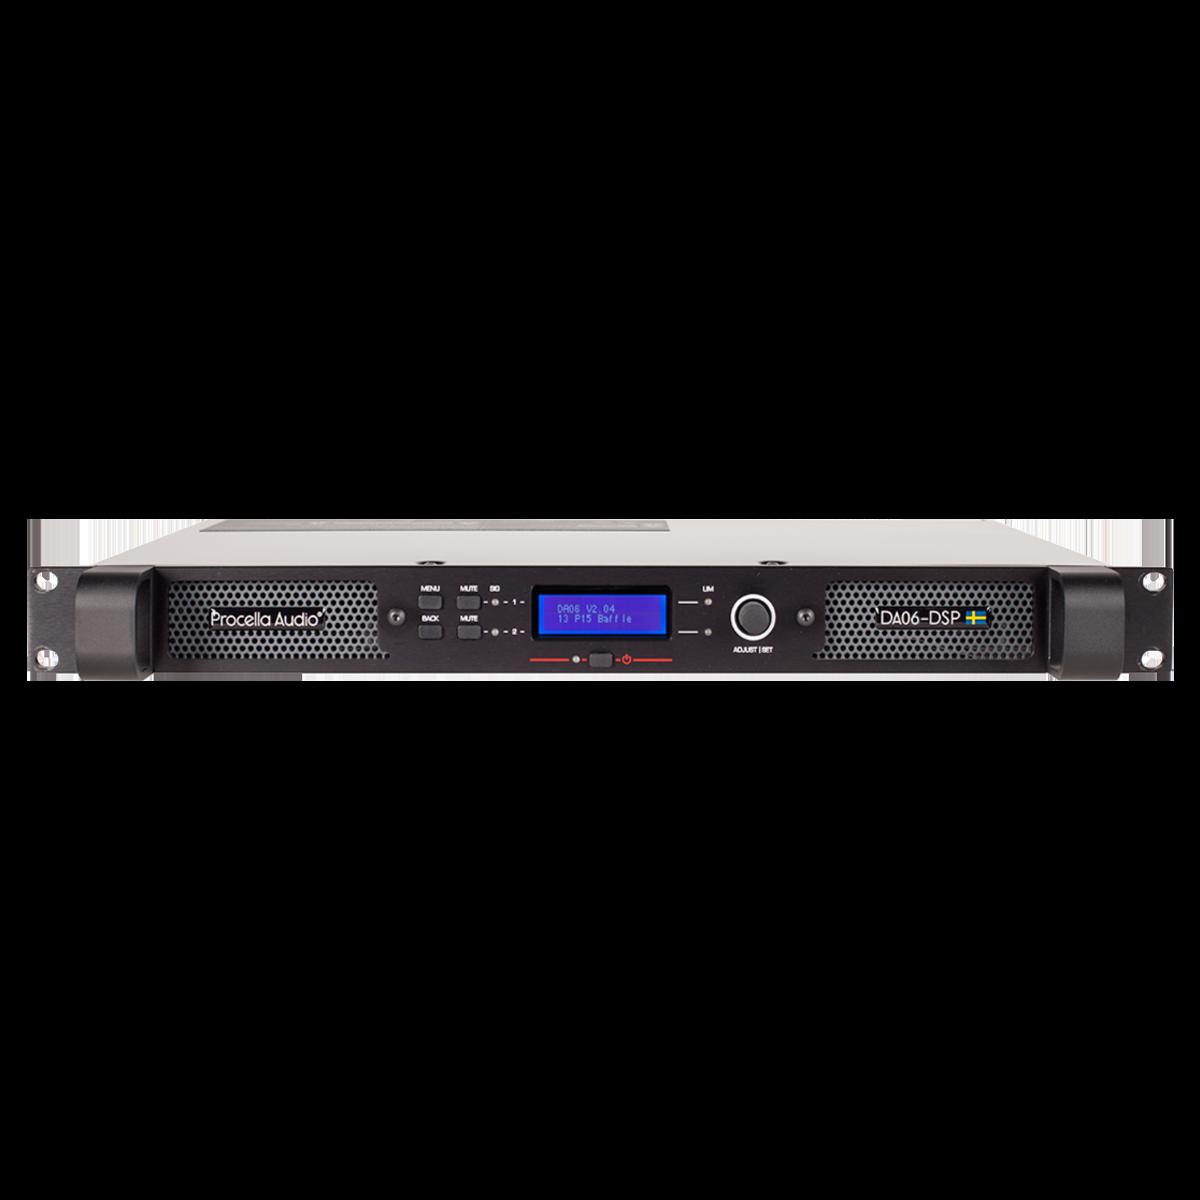 Procella DA06-DSP front view with preset 1200×1200